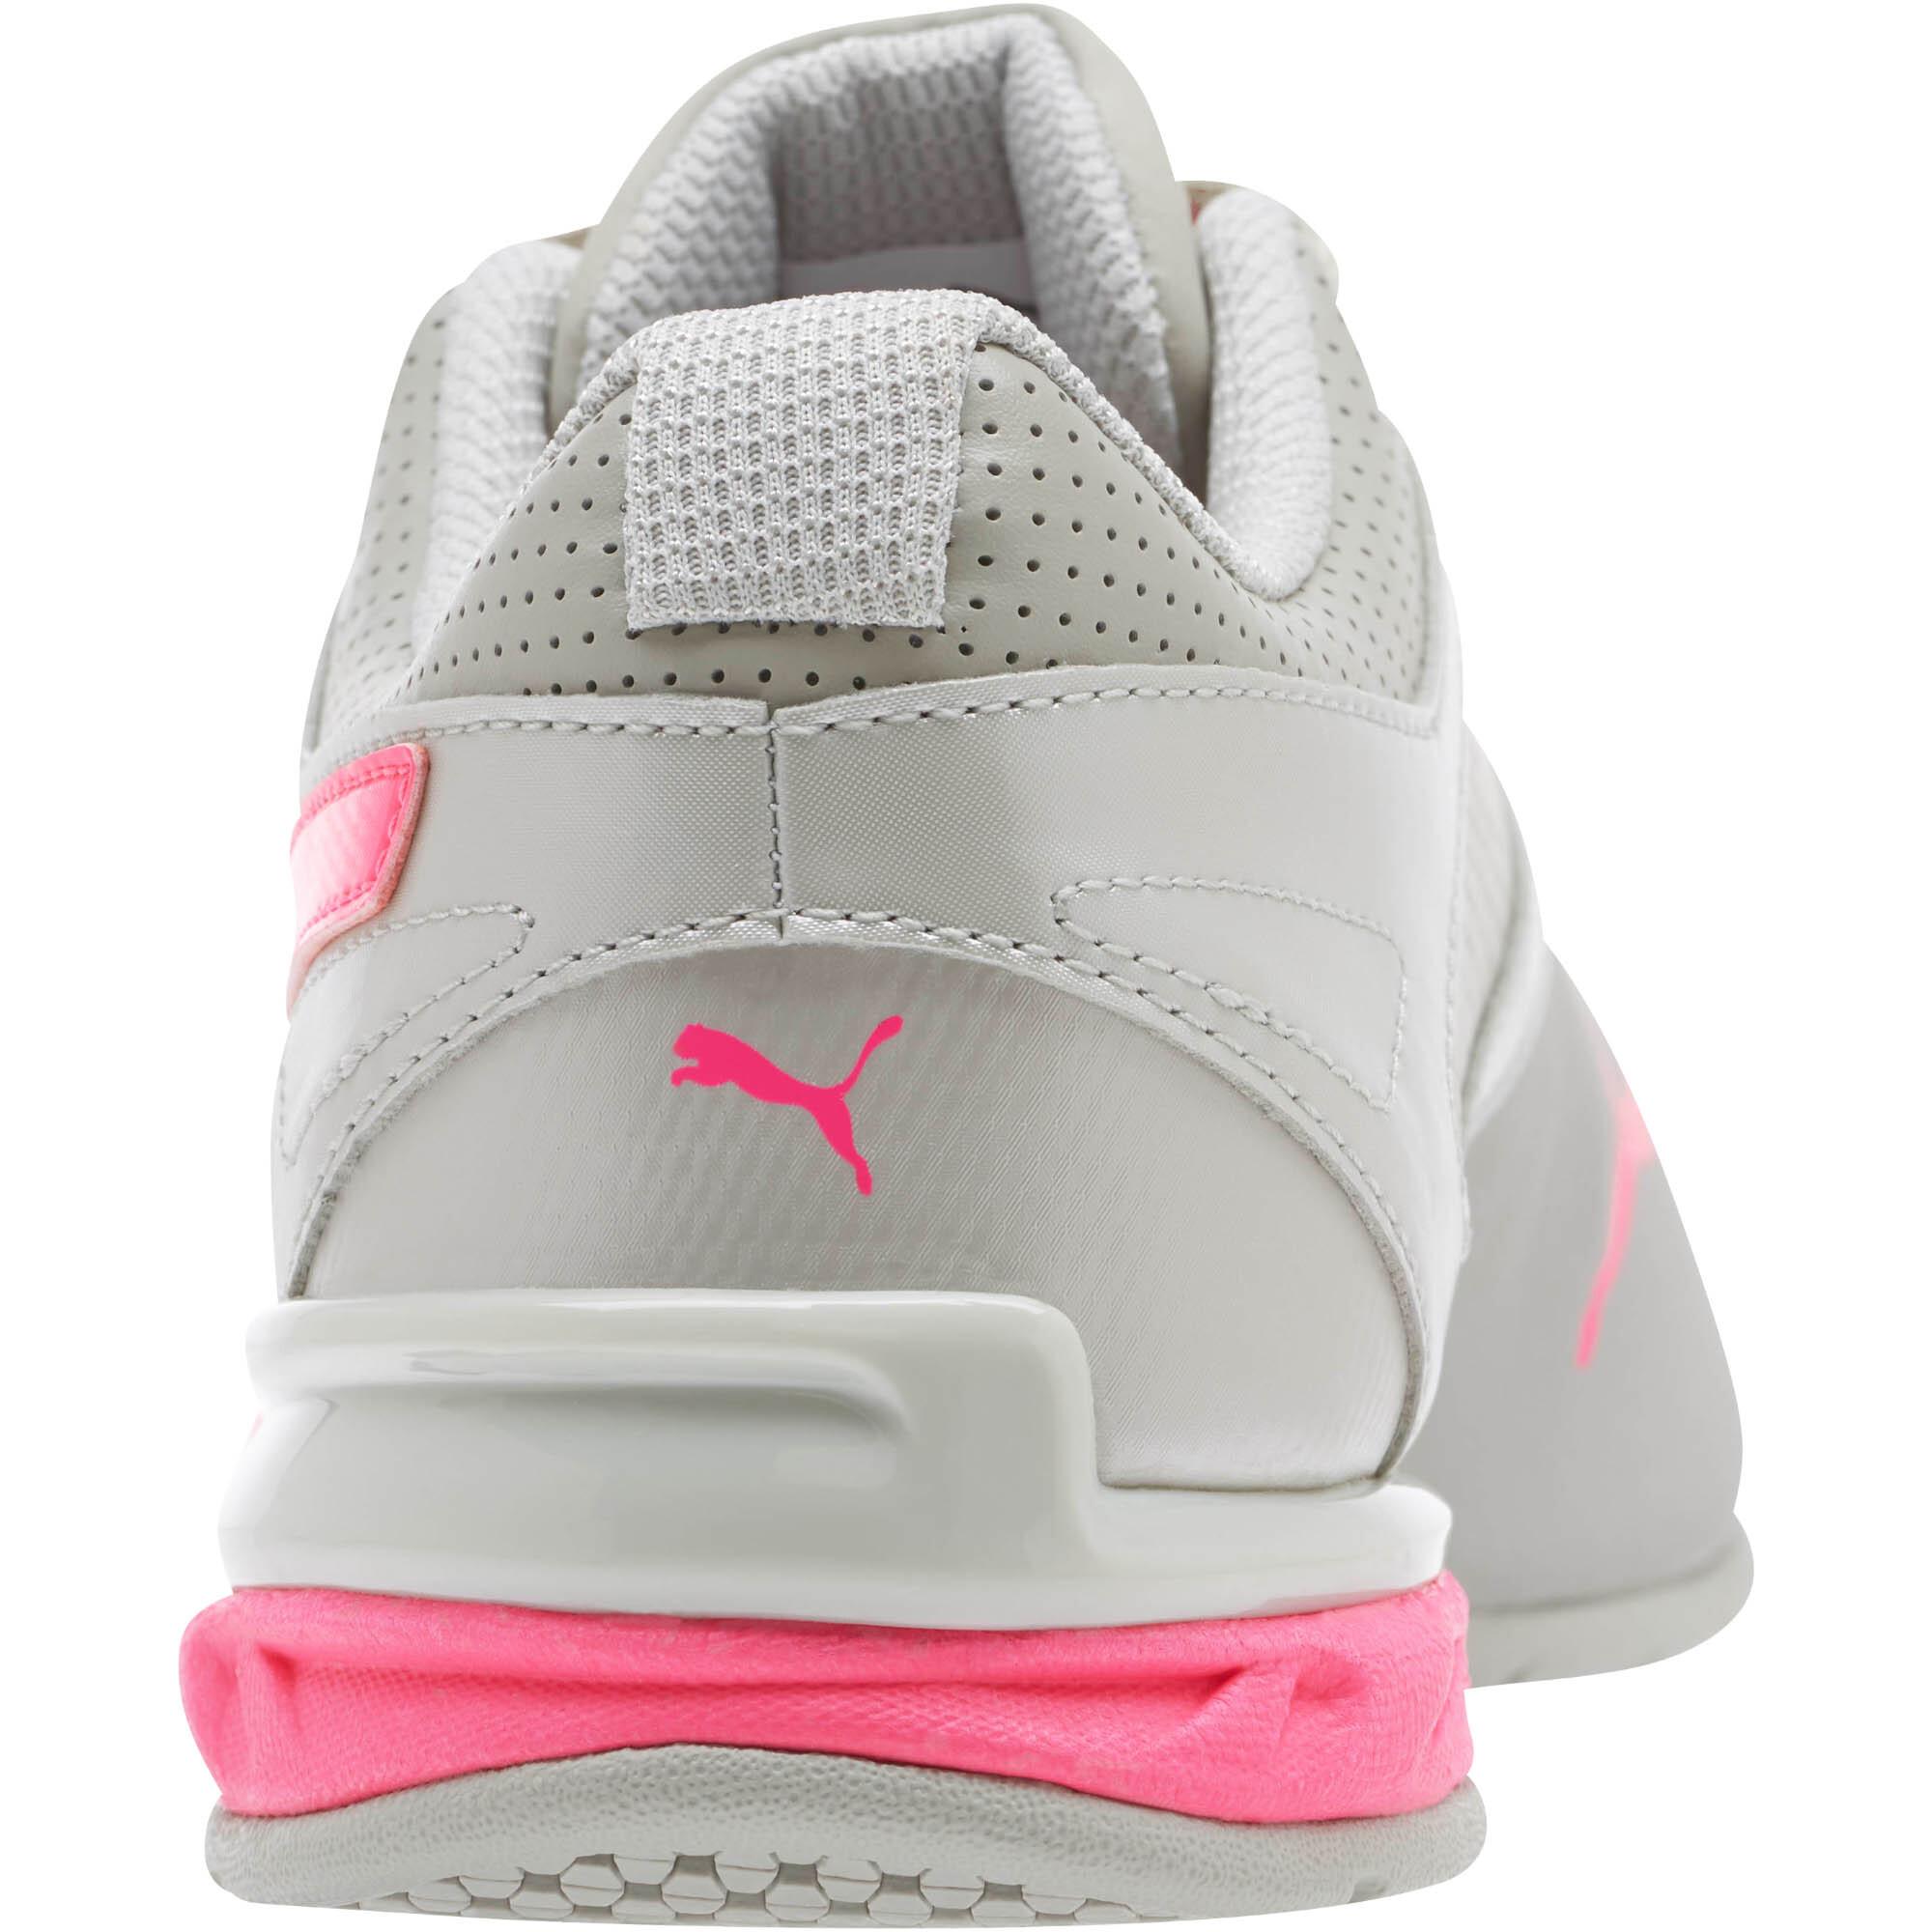 PUMA-Tazon-6-FM-Women-039-s-Sneakers-Women-Shoe-Running thumbnail 4